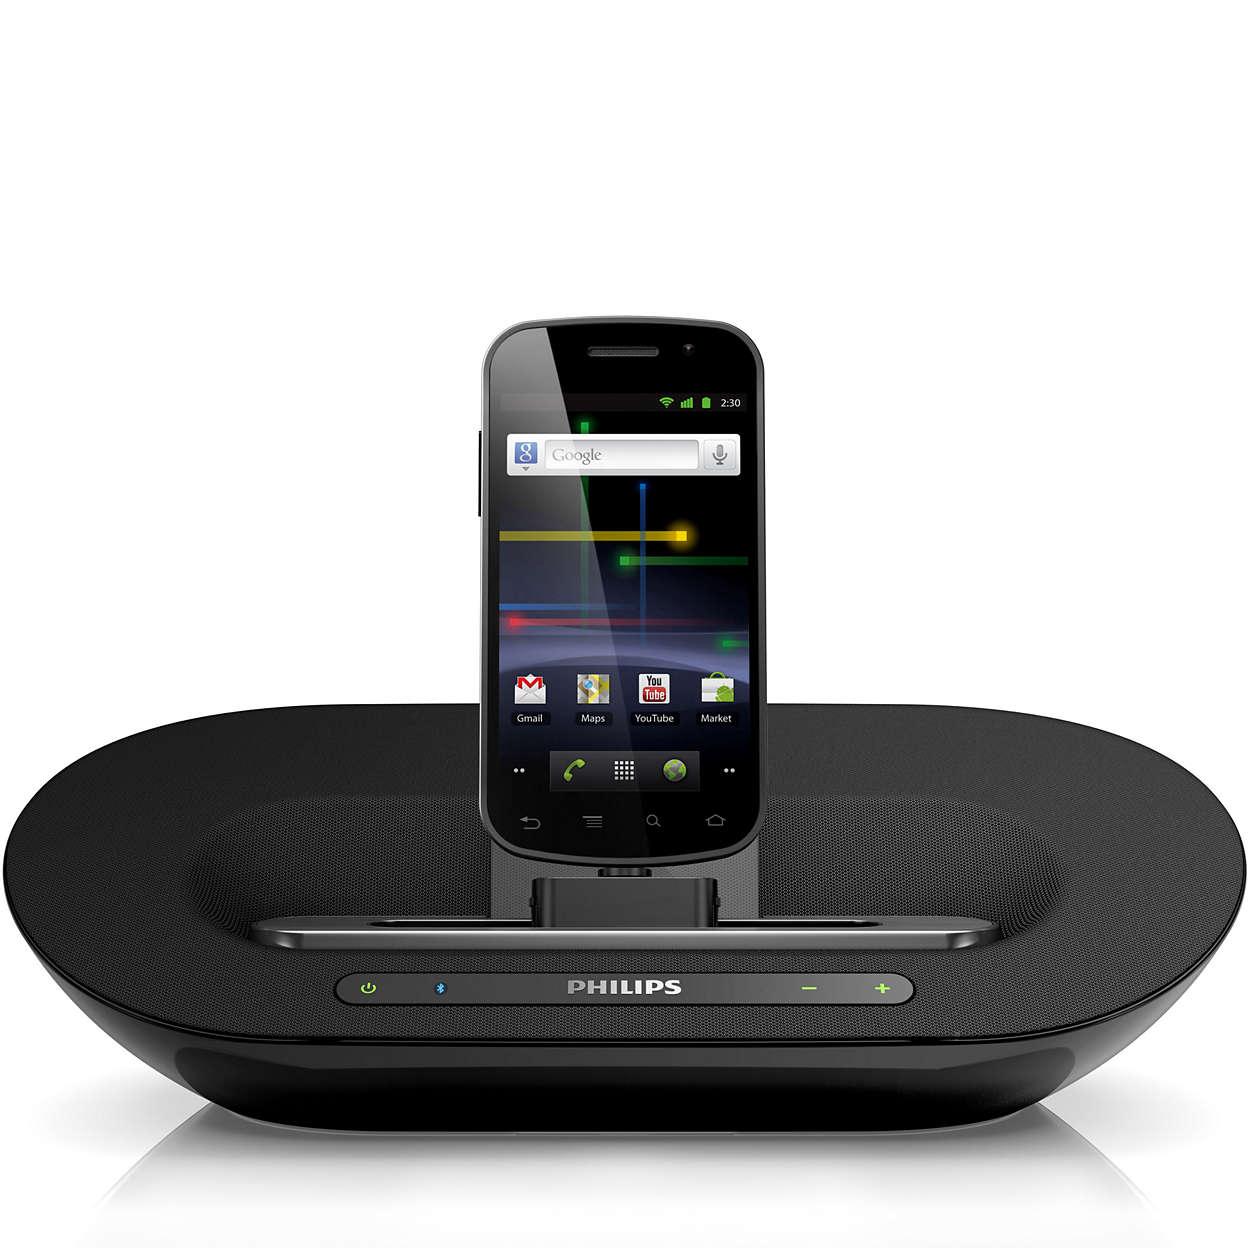 Eliberaţi-vă muzica şi încărcaţi-vă telefonul Android